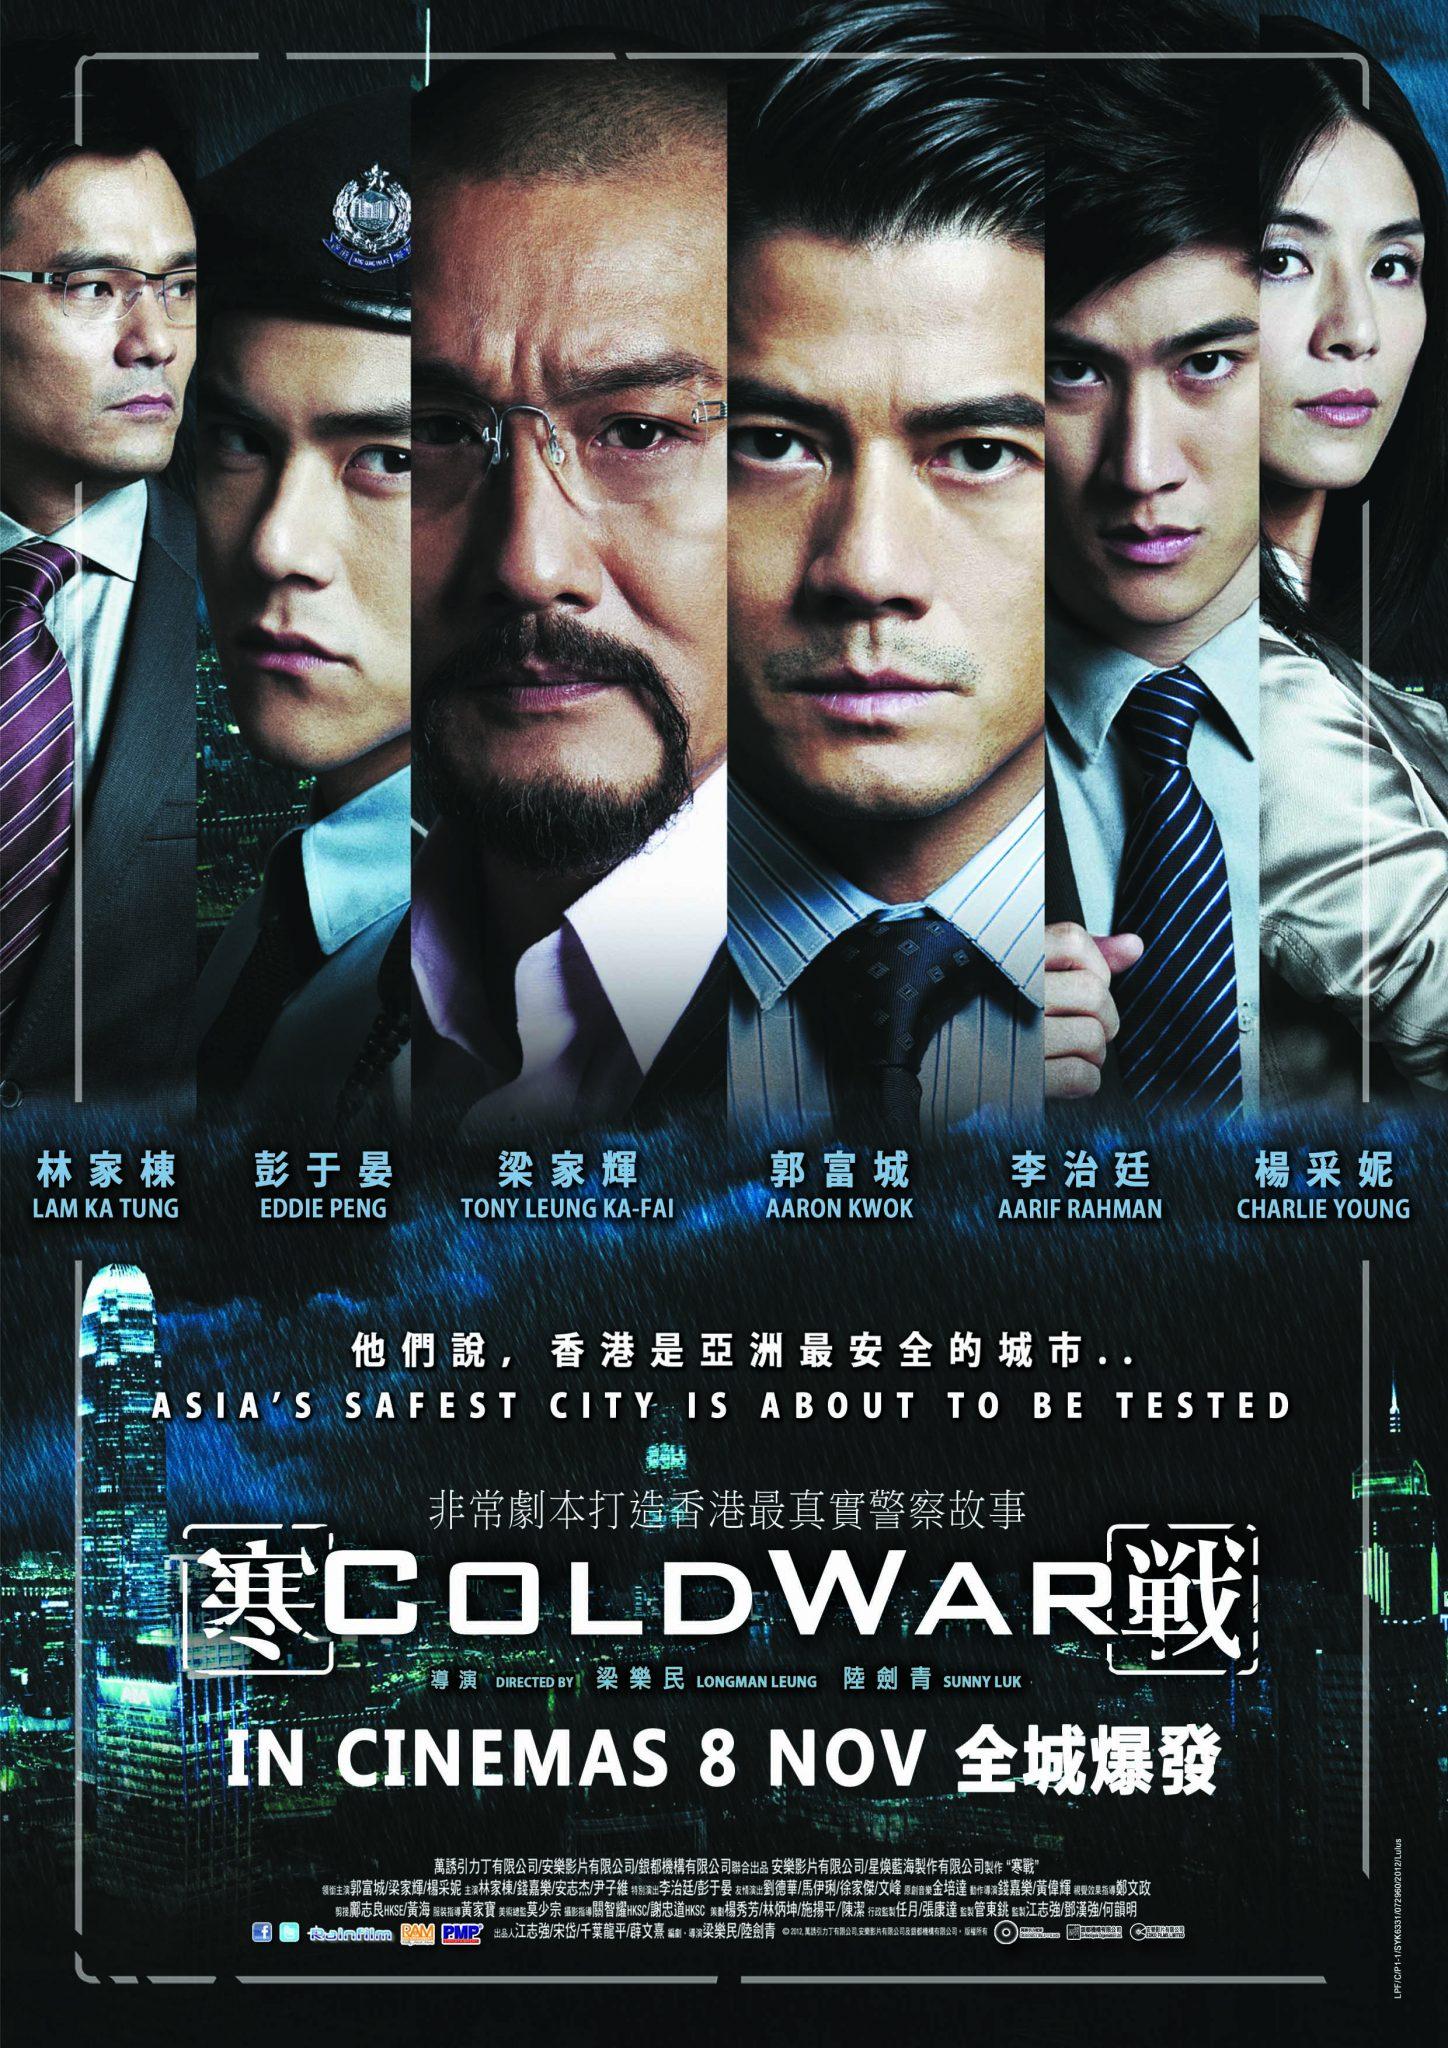 Cold War Film